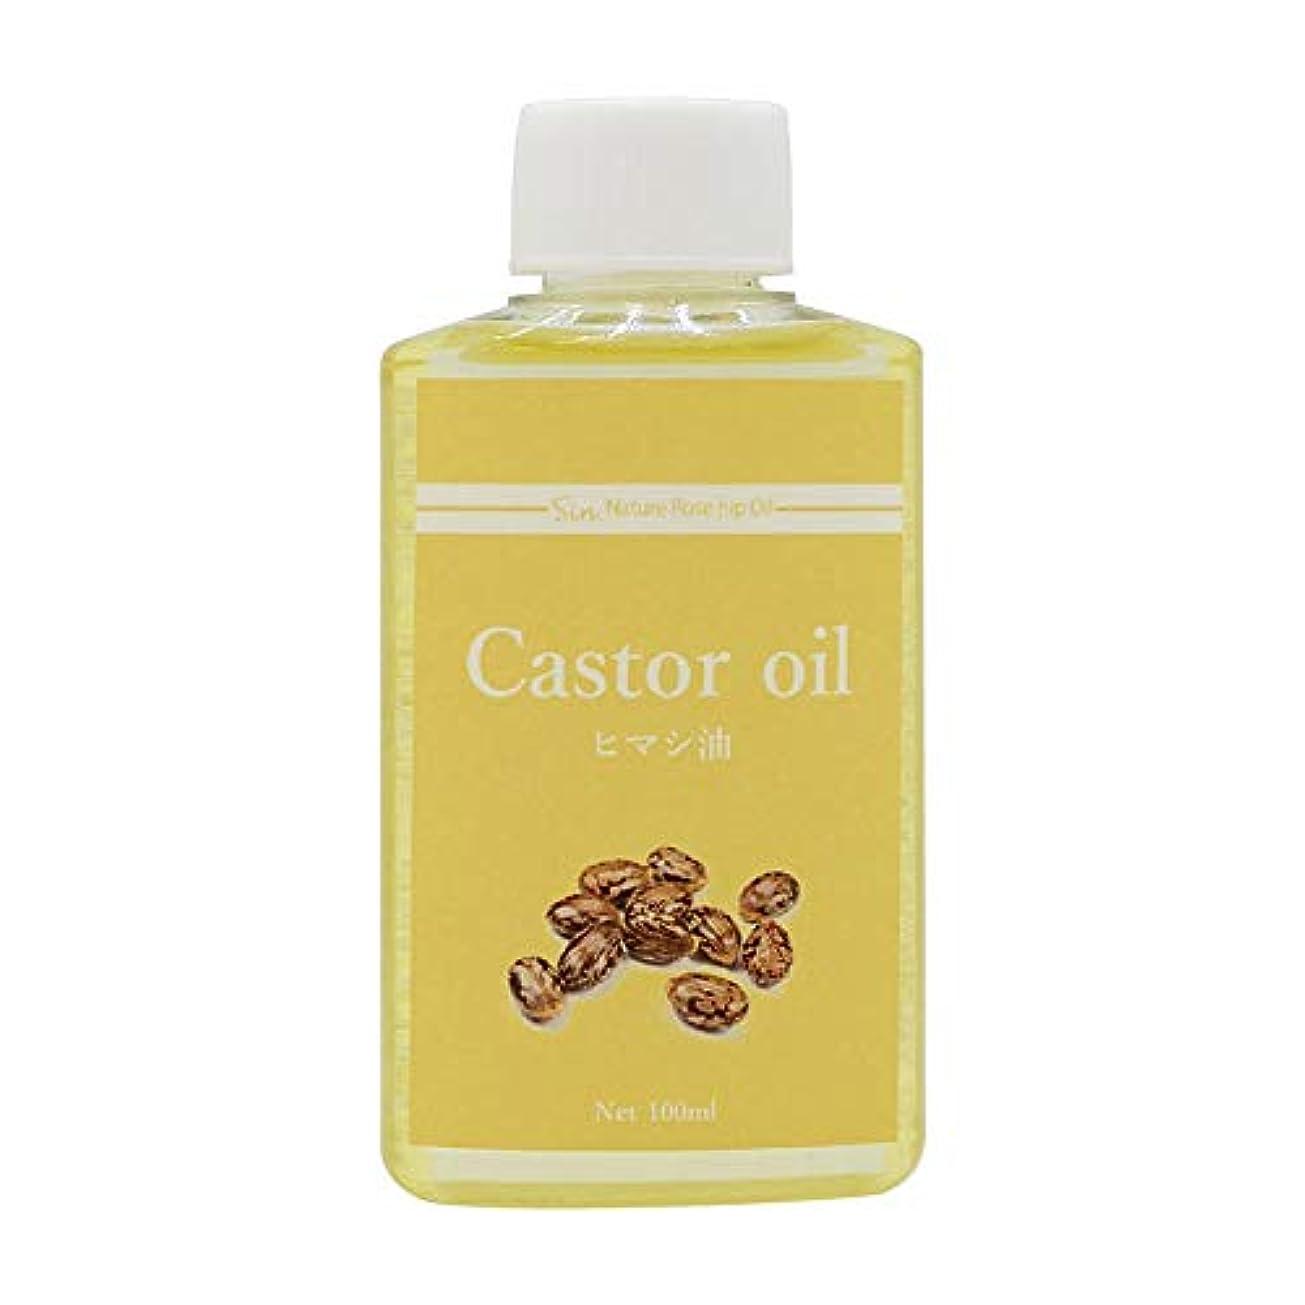 冗談で保持処理天然無添加 国内精製ひまし油 (キャスターオイル) 100ml